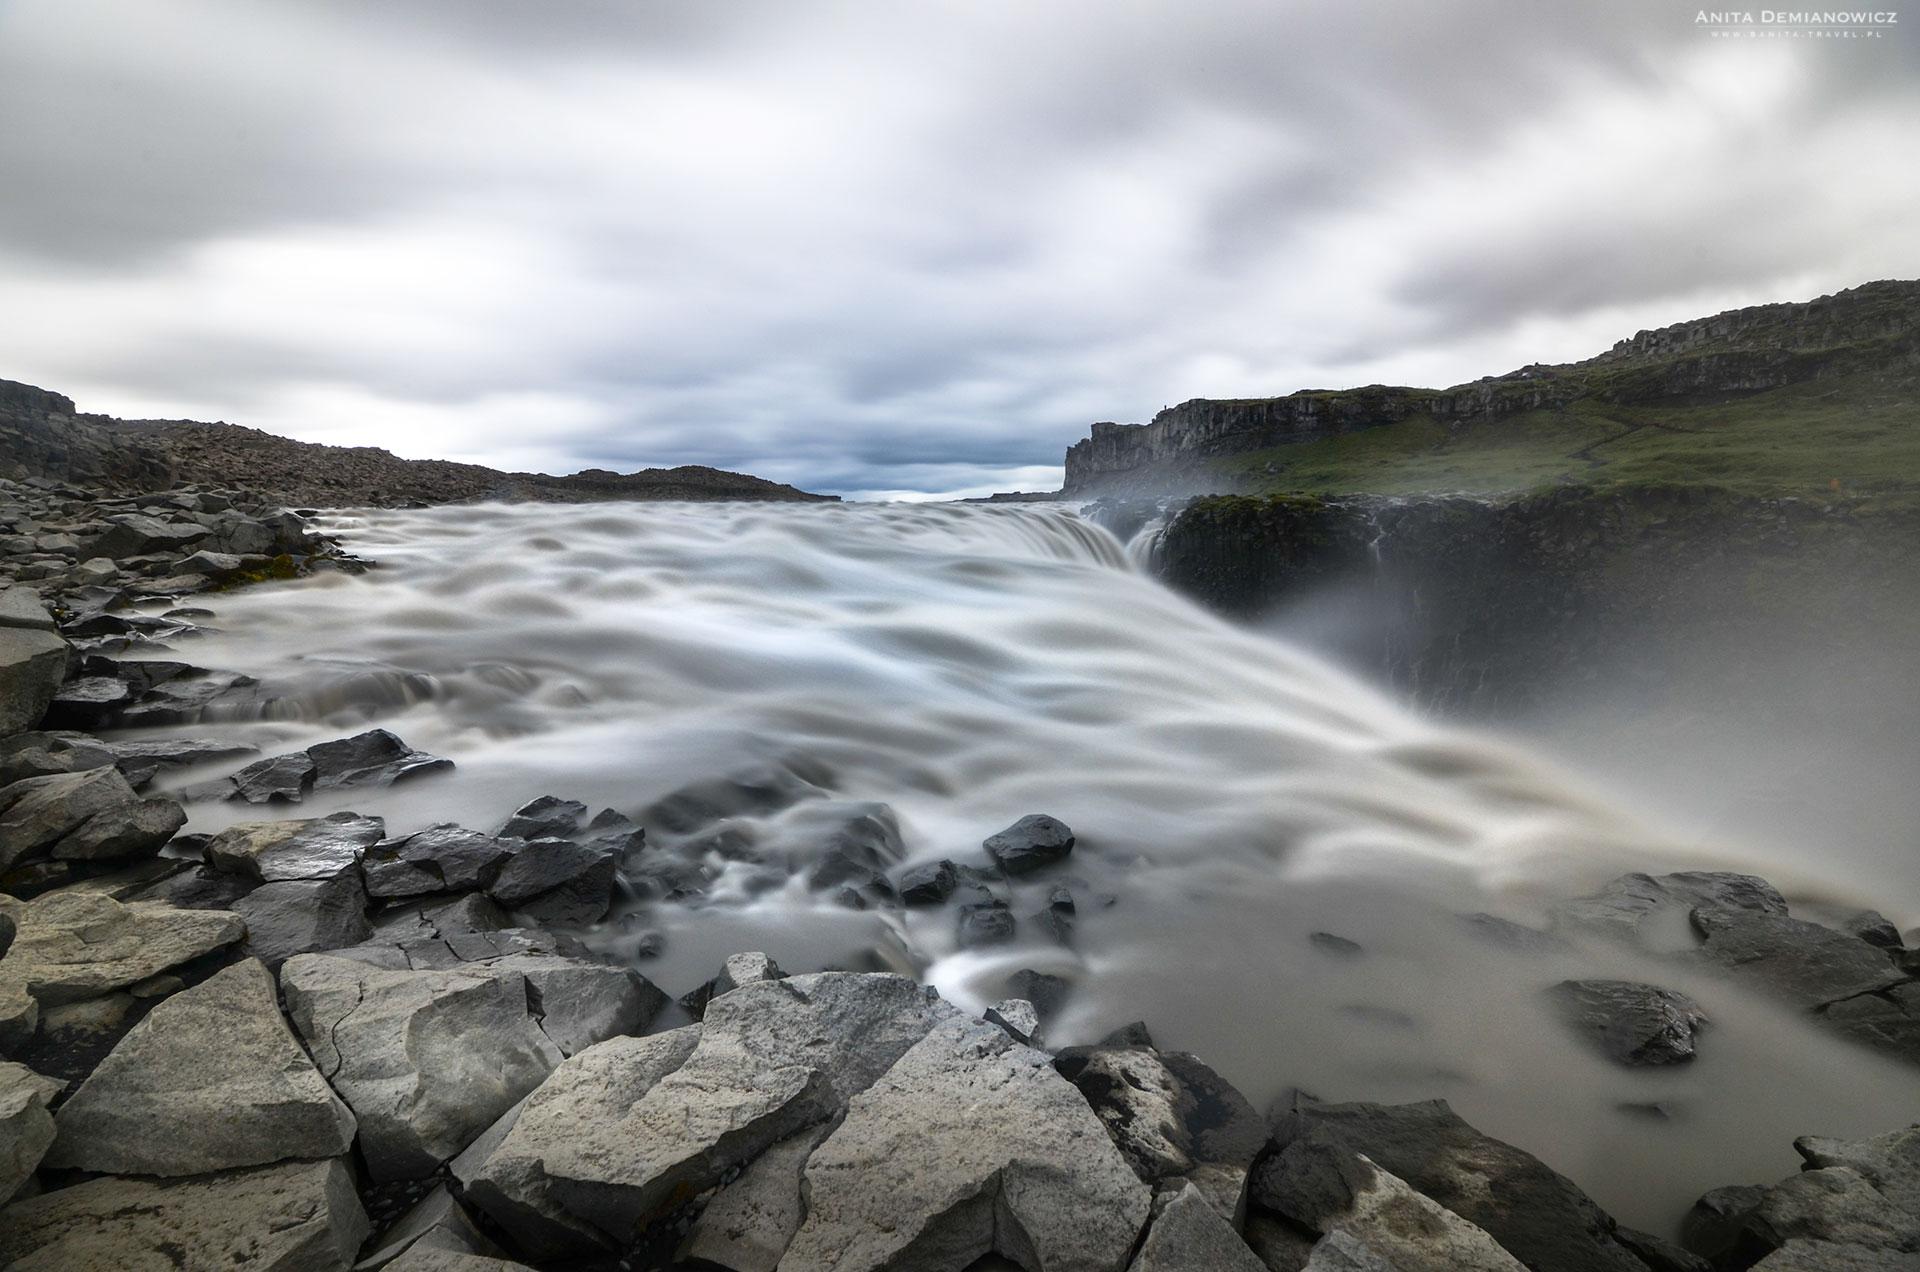 Wodospad Dettifoss, Islandia, Anita Demianowicz